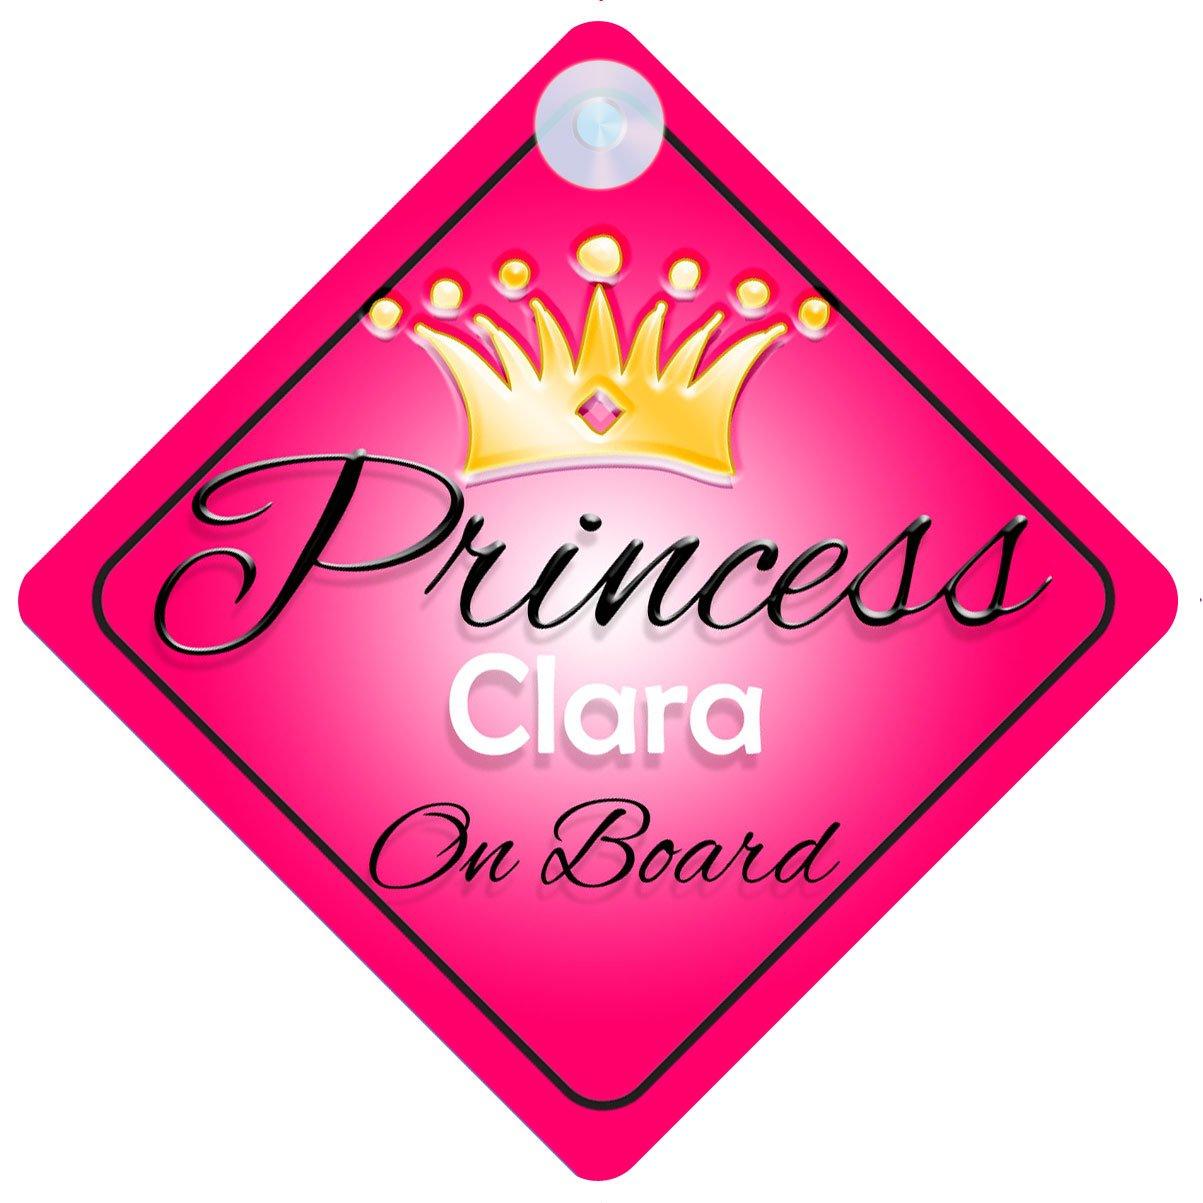 Princesse Clara on Board Personnalisé Fille Voiture Panneau pour bébé/enfant cadeau 001 mybabyonboard UK